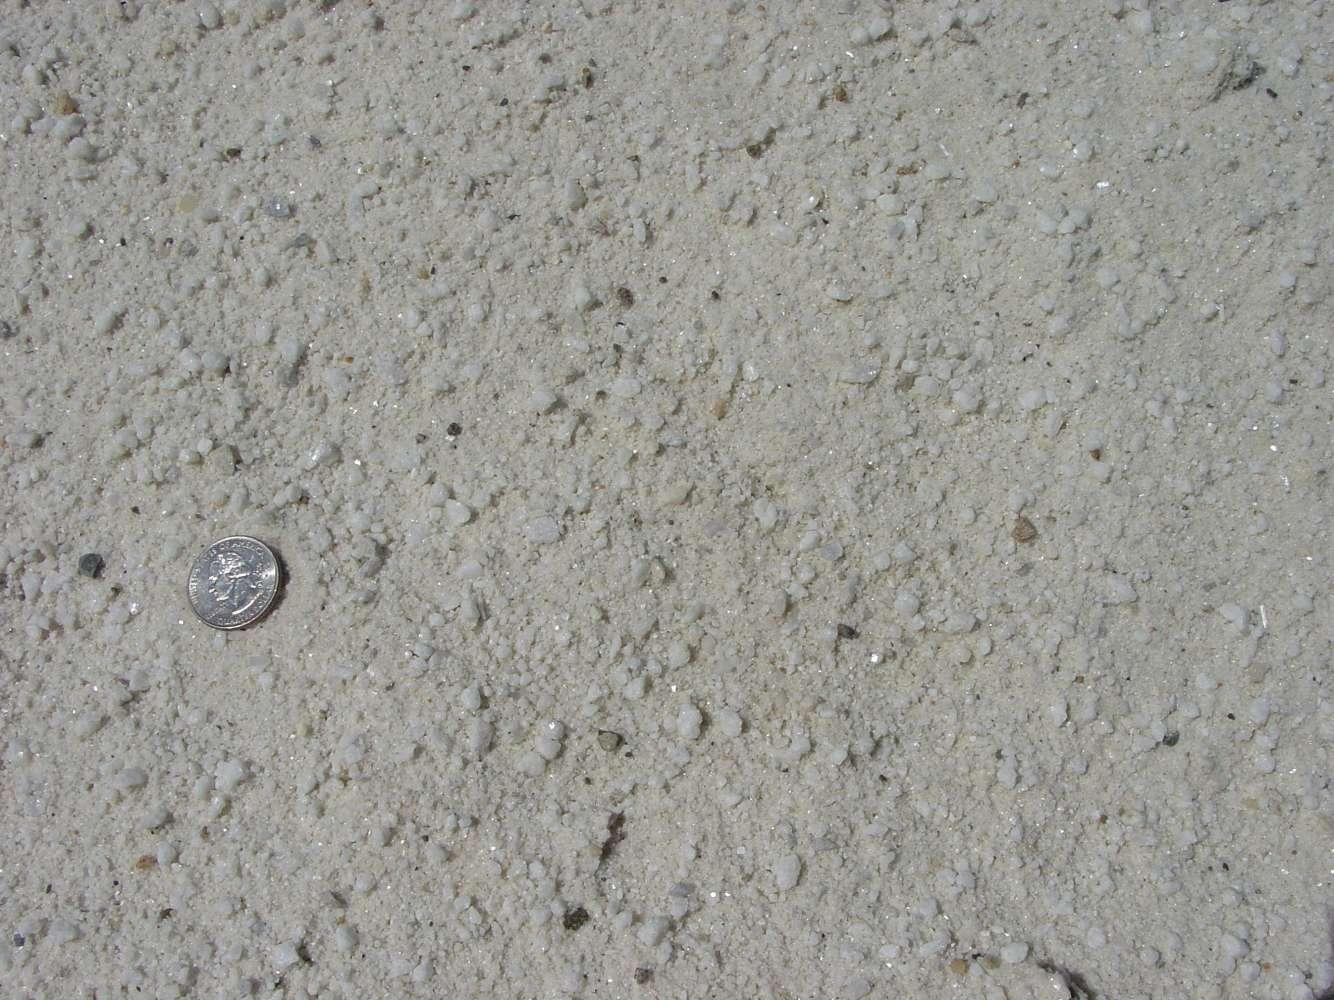 Sand - Washed White